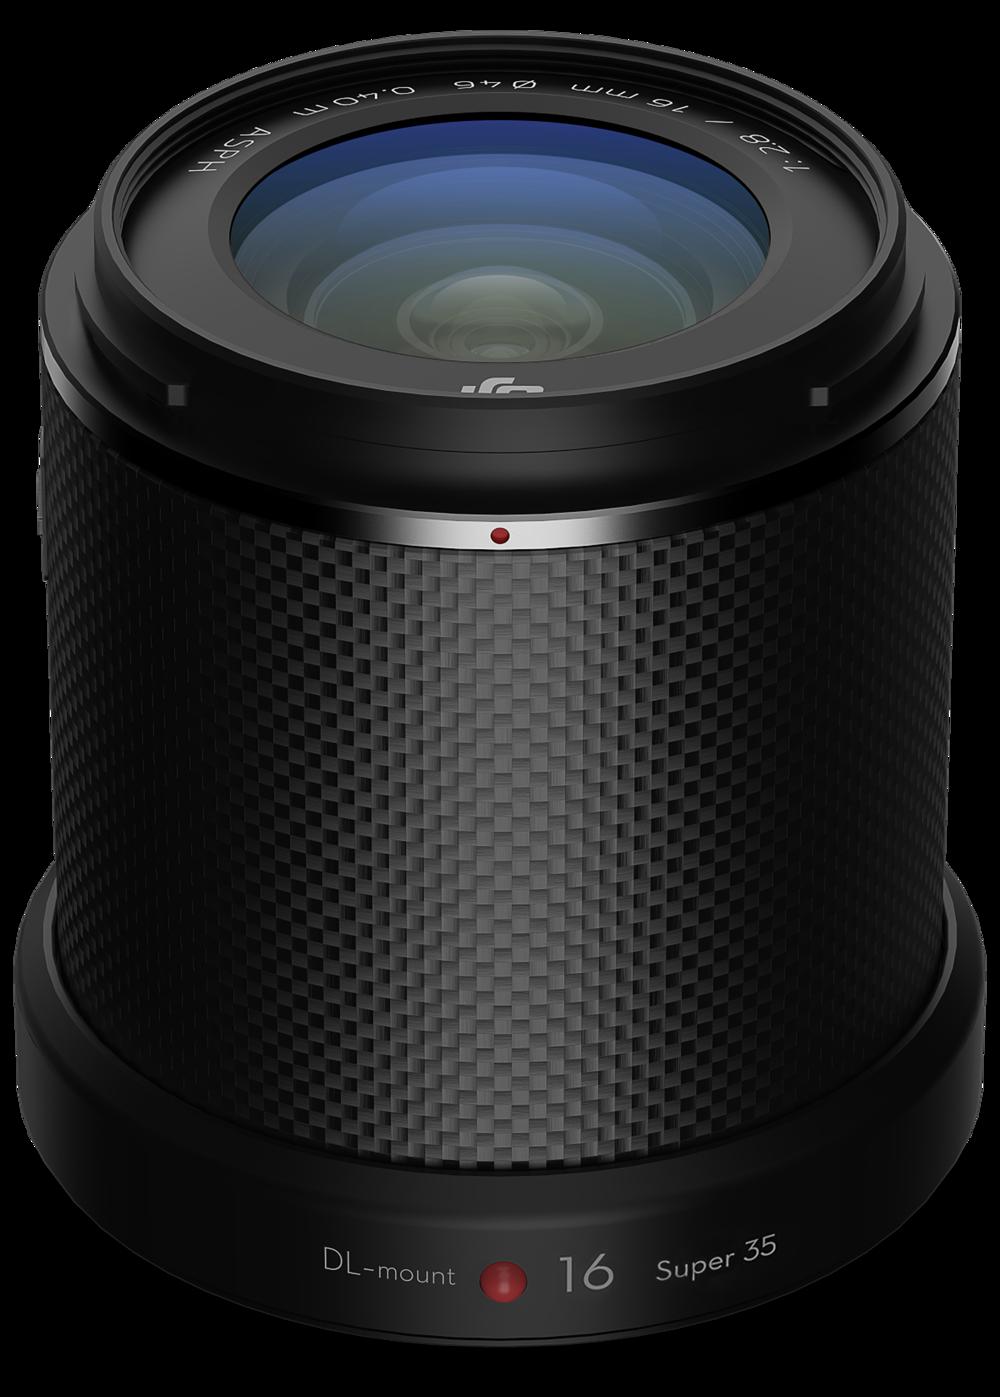 16 mm F2.8